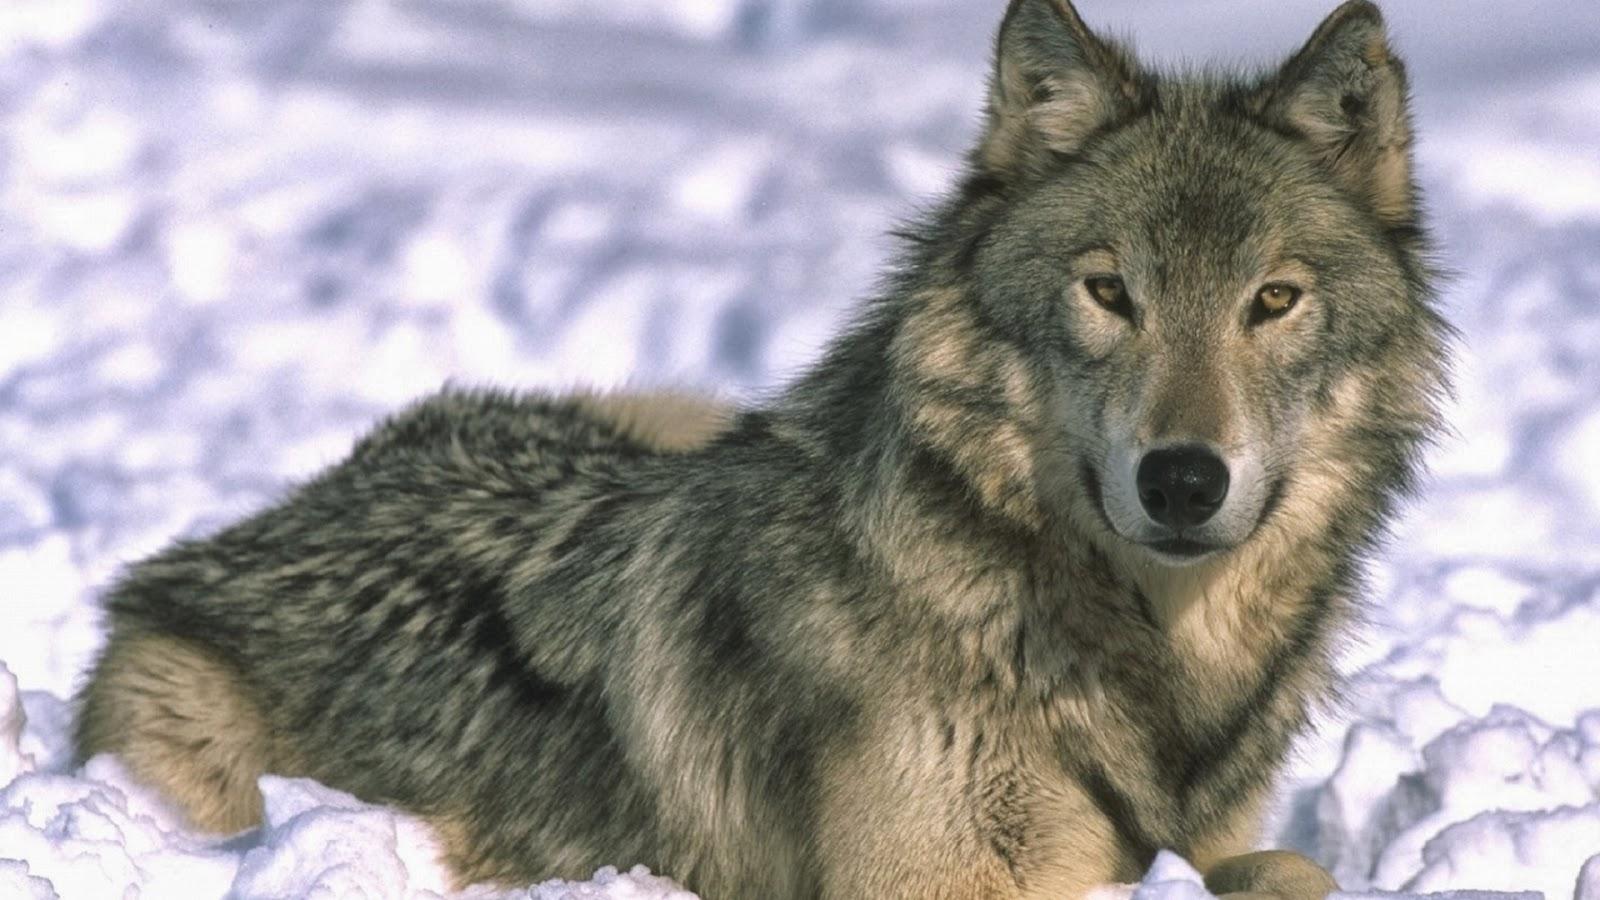 Imagenes De Lobo Para Fondo De Pantalla: Fondo De Pantalla Animales Lobo En La Nieve